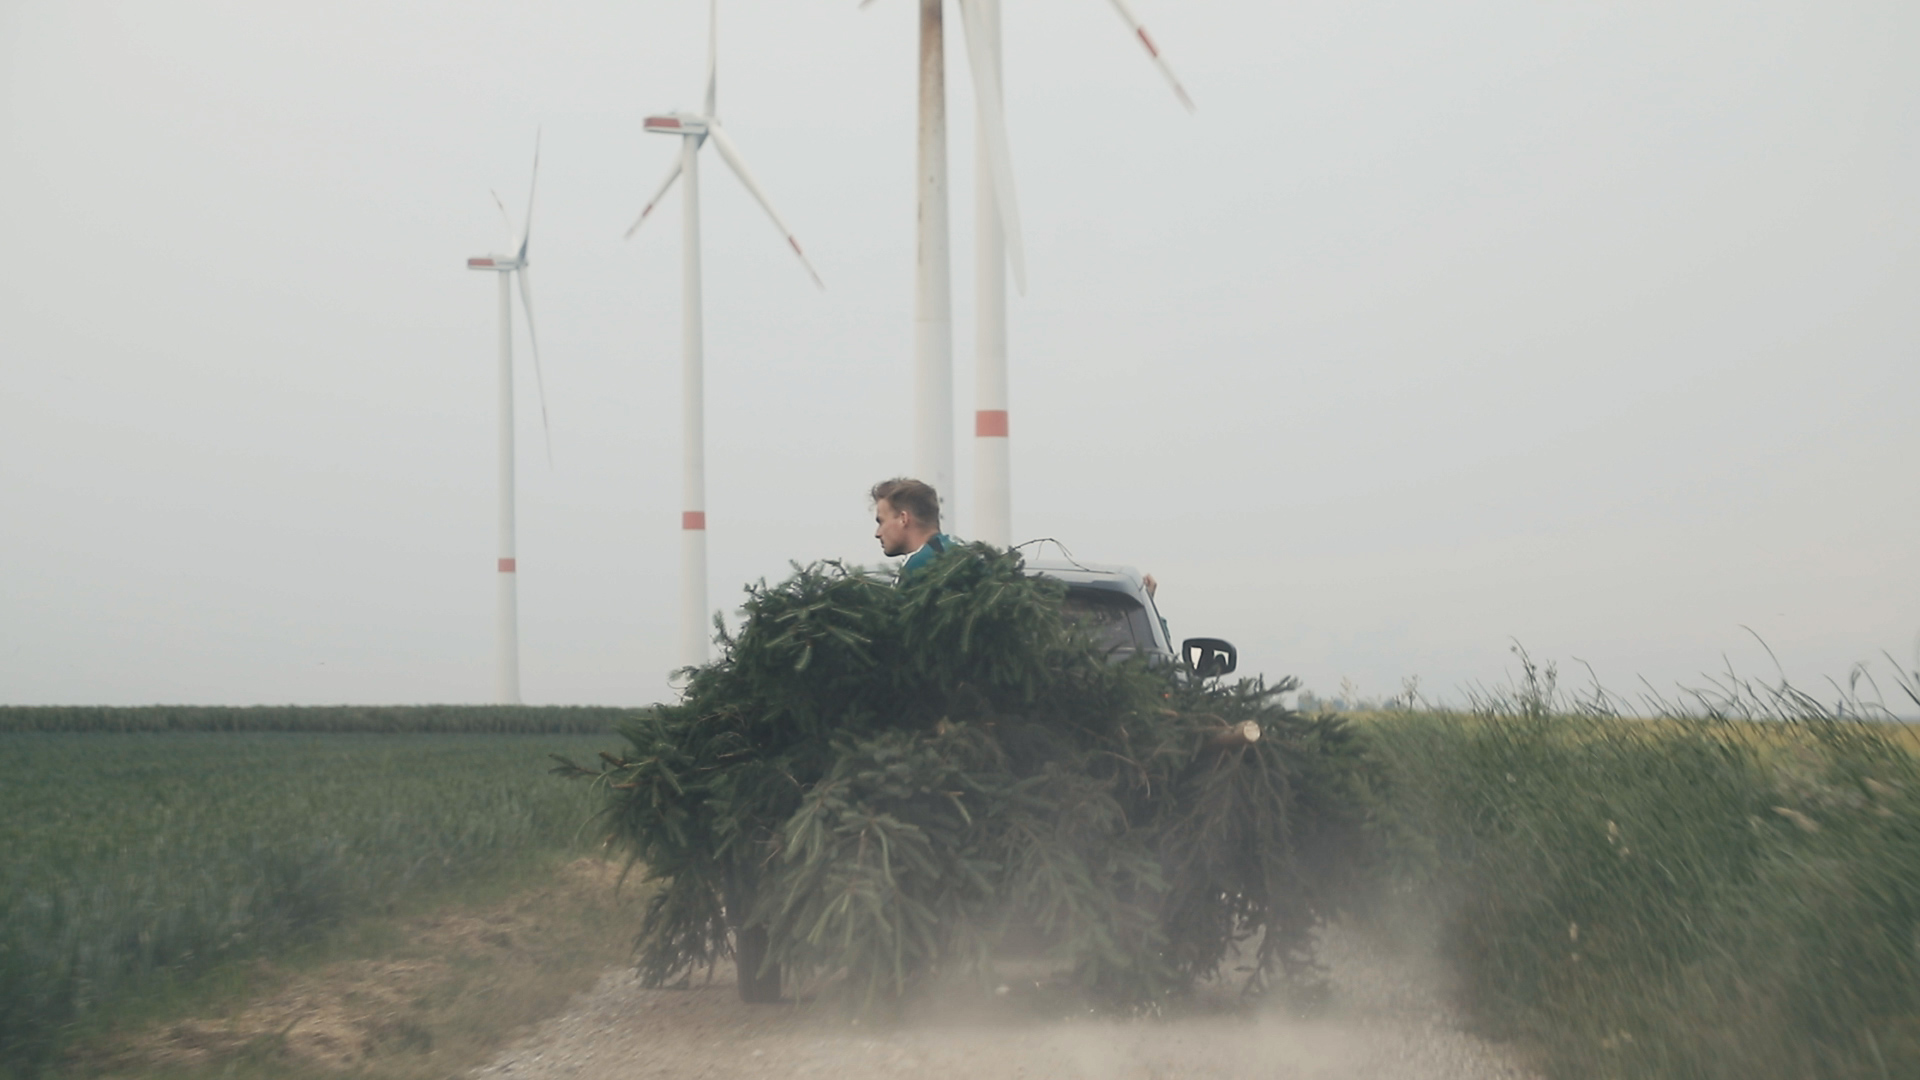 Ein junger Mann sitzt auf einem Auto mit Tannenbäumen. Er fährt in Richtung Windräder, die auf einem Feld stehen.